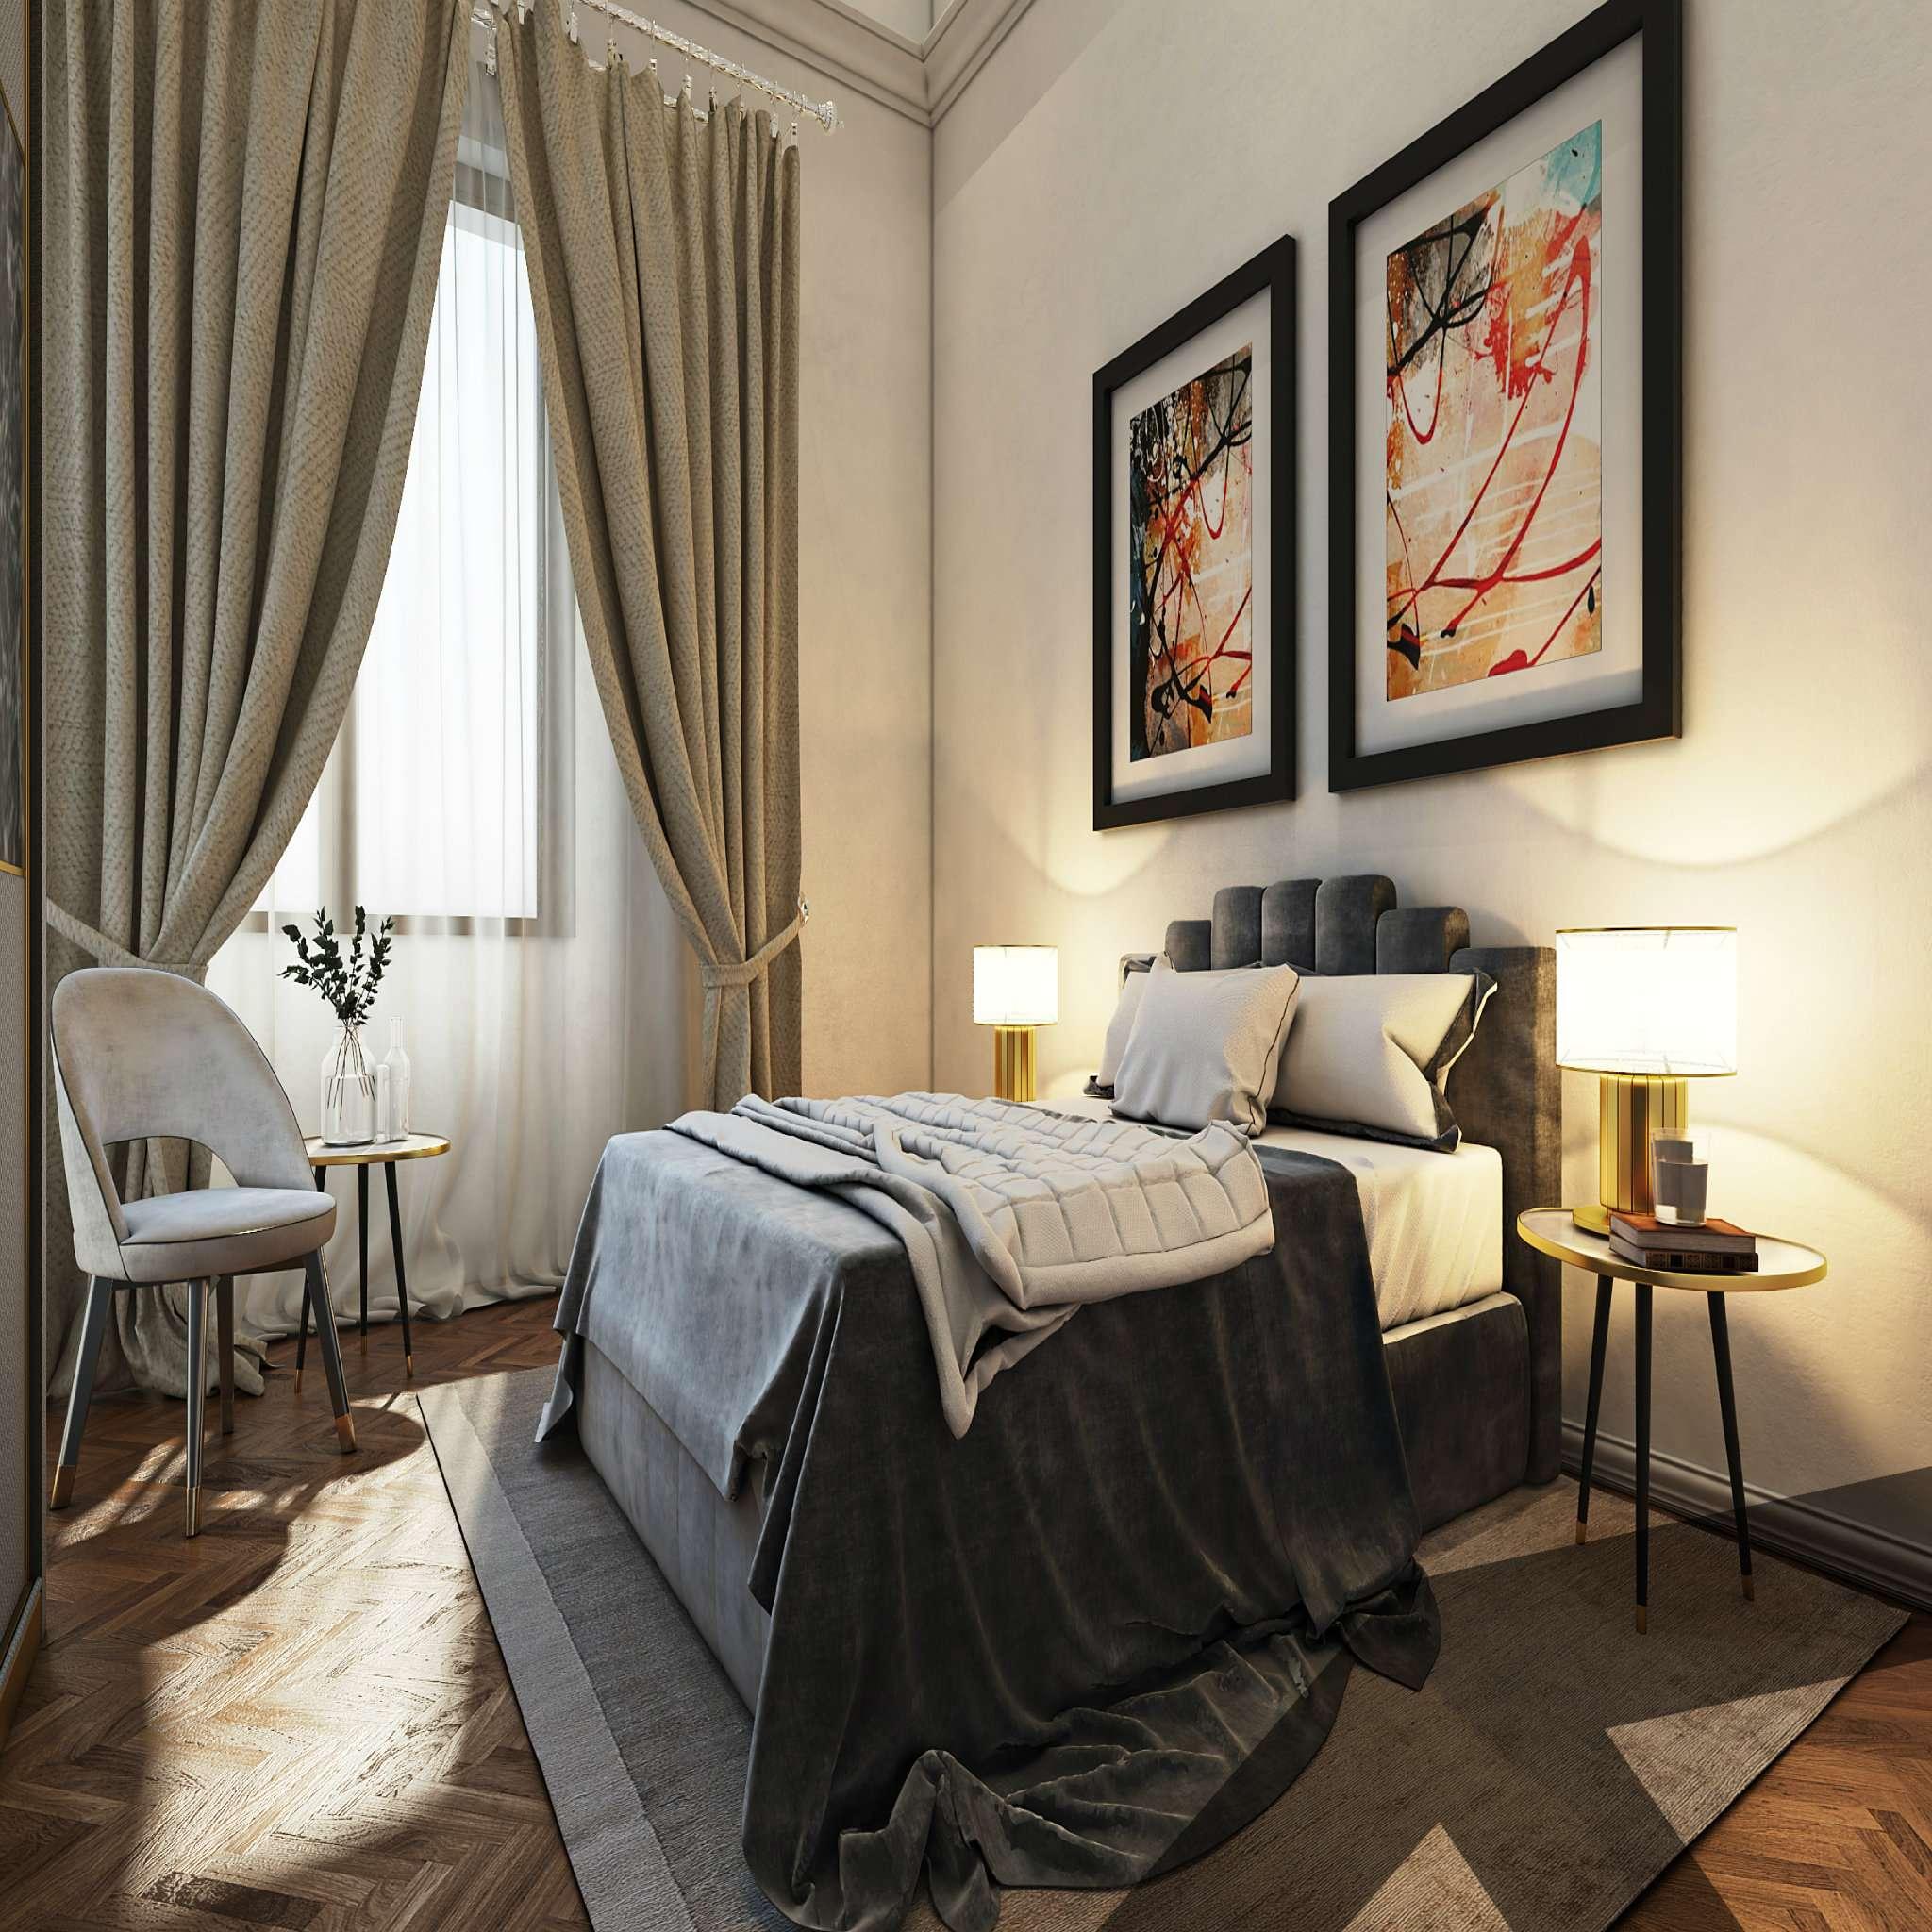 Appartamento in vendita a Firenze, 2 locali, zona Zona: 11 . Viali, prezzo € 270.000   CambioCasa.it